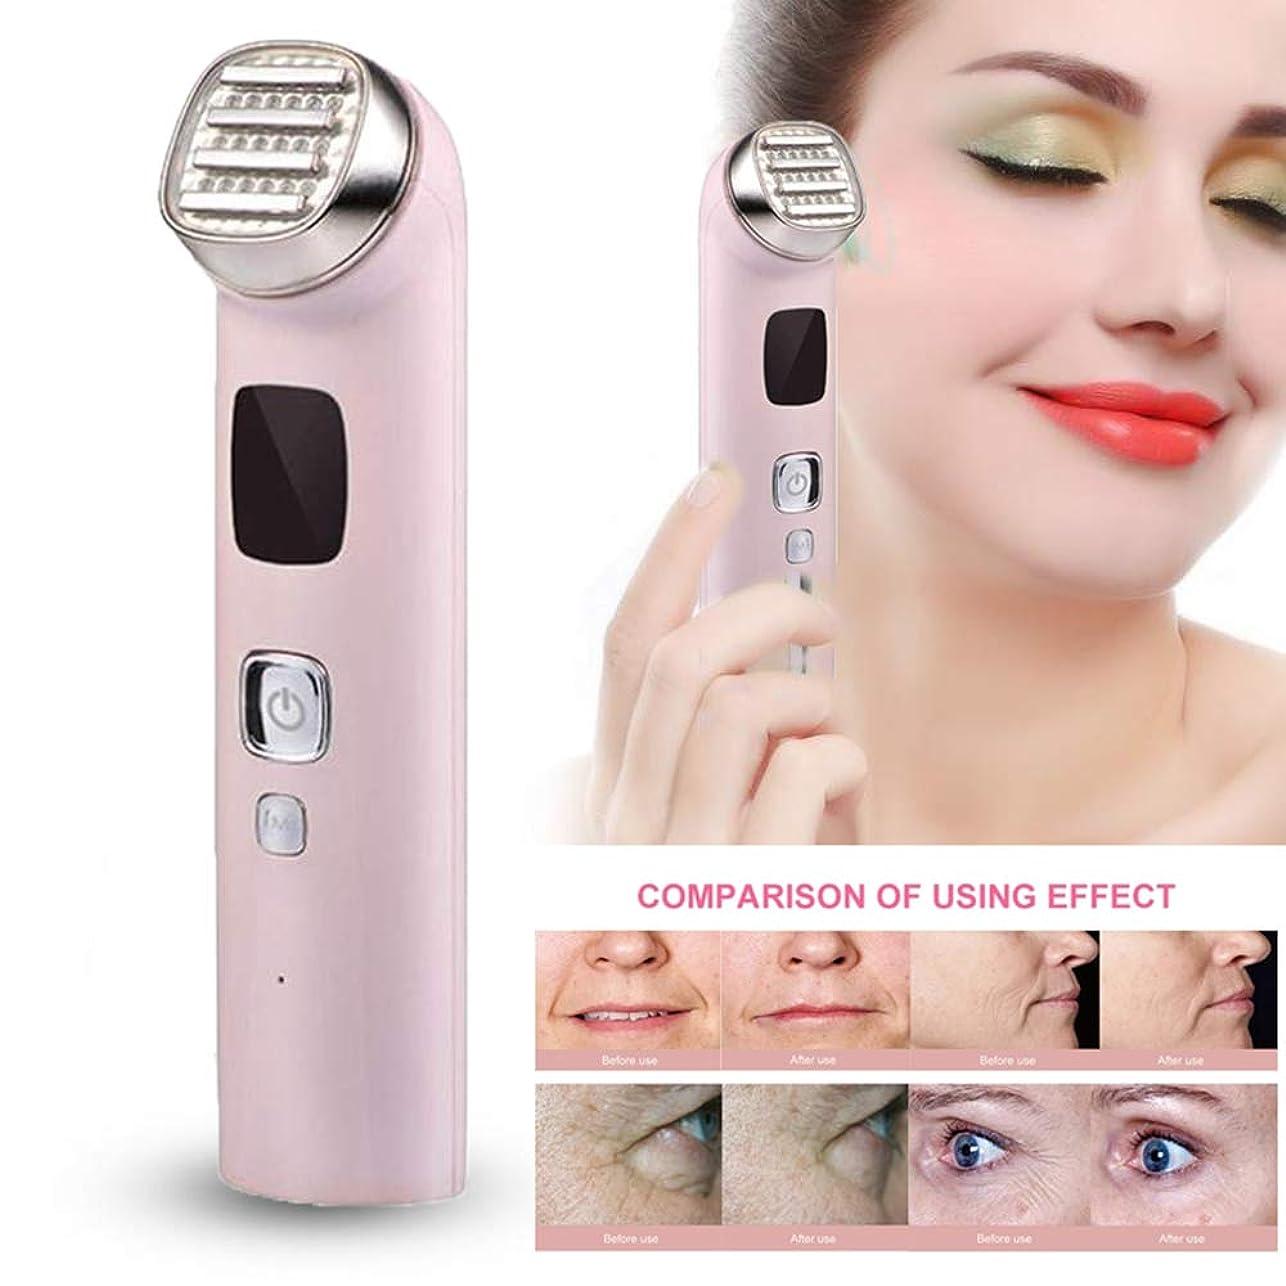 思われる理想的モロニック洗顔、メイク落とし、アンチエイジング、しわの除去、肌の引き締めのためのホット/コールド+イオン振動+ RF/EMS +レッド/ブルーライトセラピー付きの顔面美容機、5 IN 1電動フェイスマッサージャー